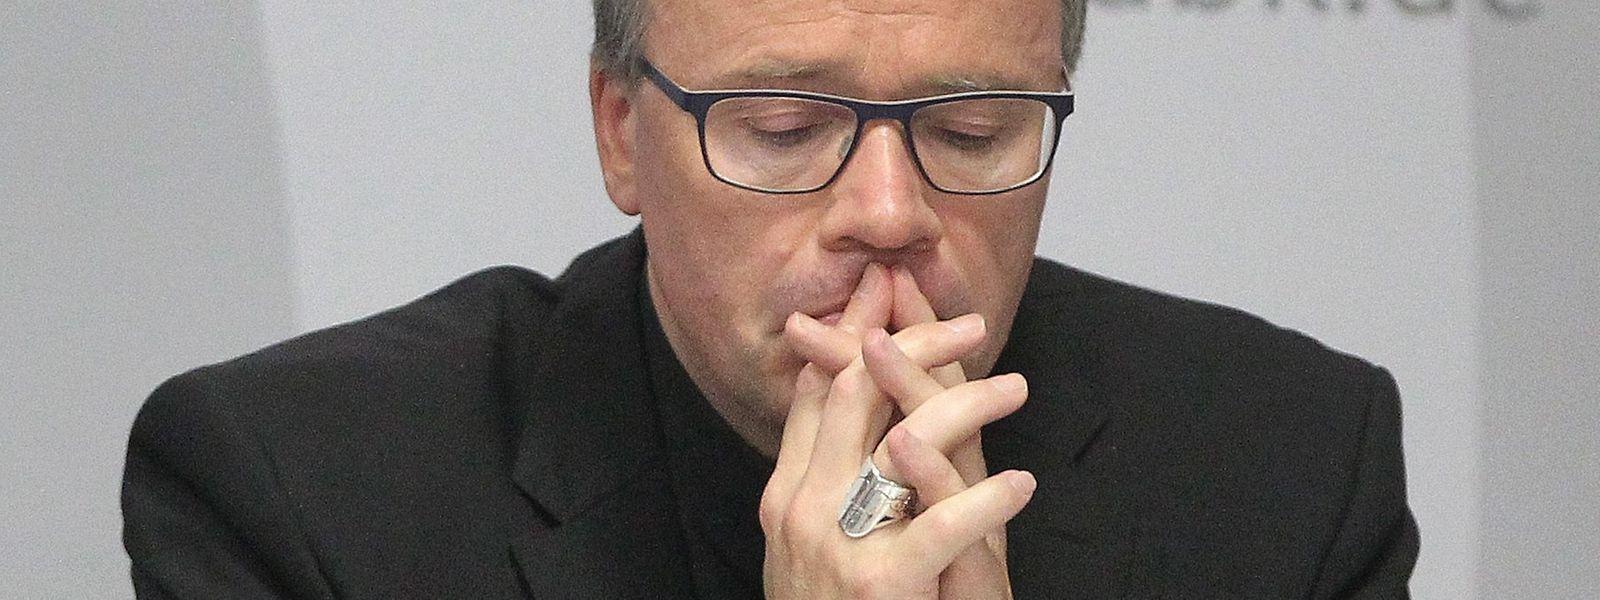 Der Trierer Bischof Stephan Ackermann hat vom Vatikan einen Dämpfer verpasst bekommen.